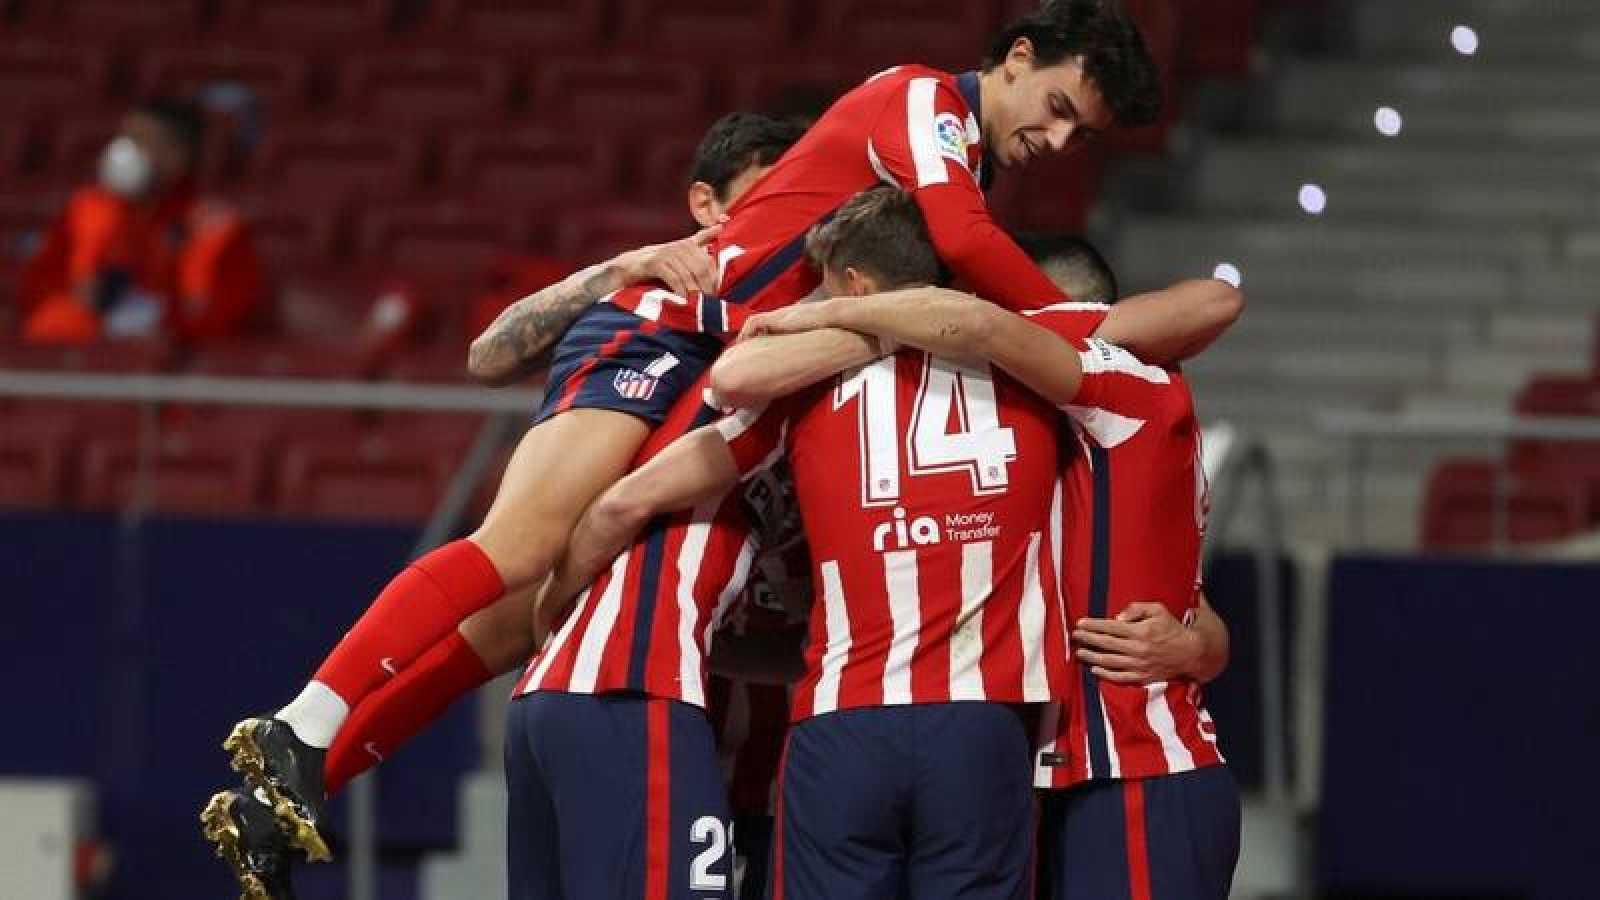 El Atlético aumentó su ventaja en Liga tras ganar el partido aplazado al Athletic.